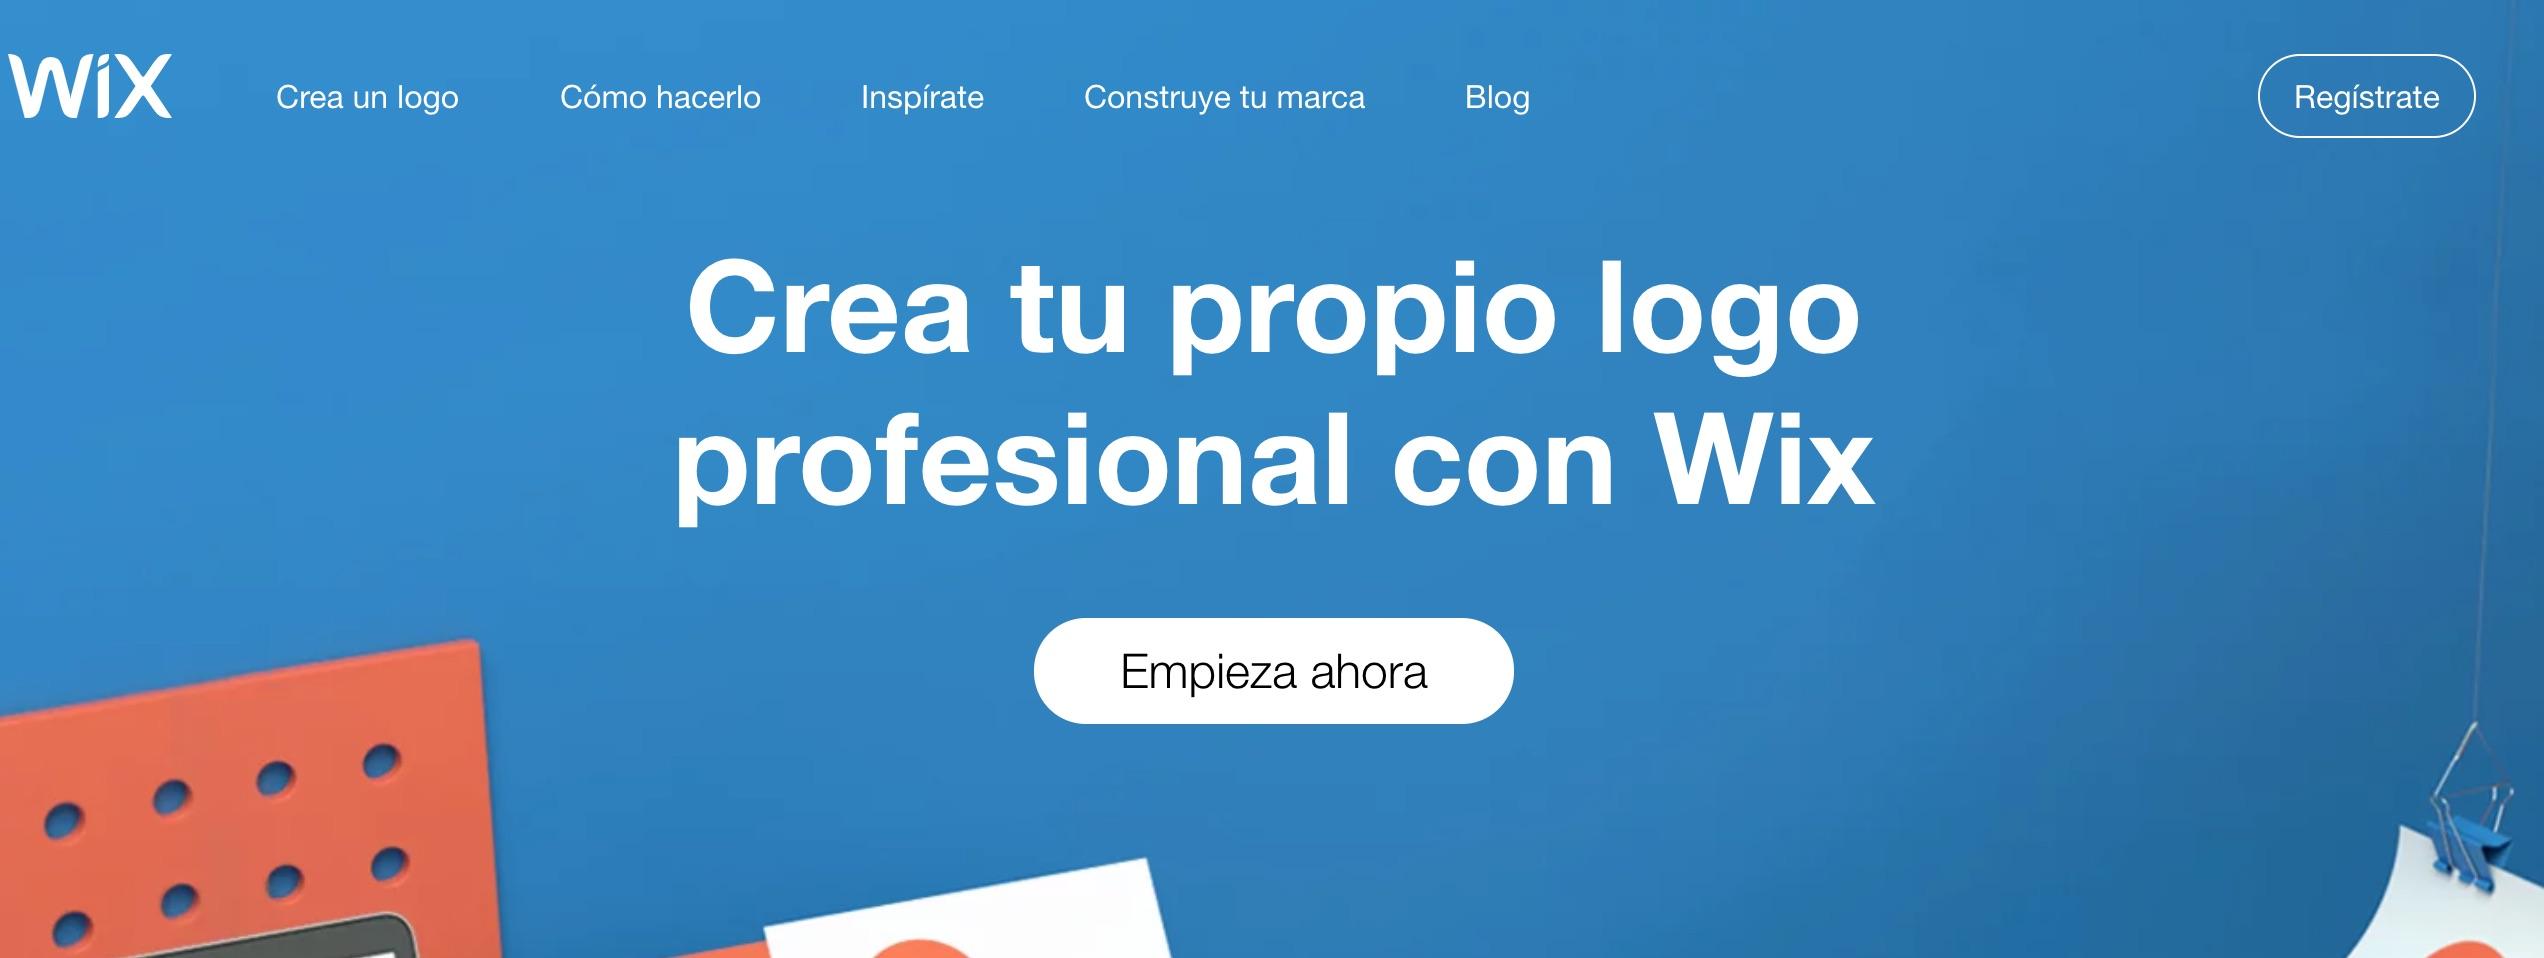 Creador de logos de Wix